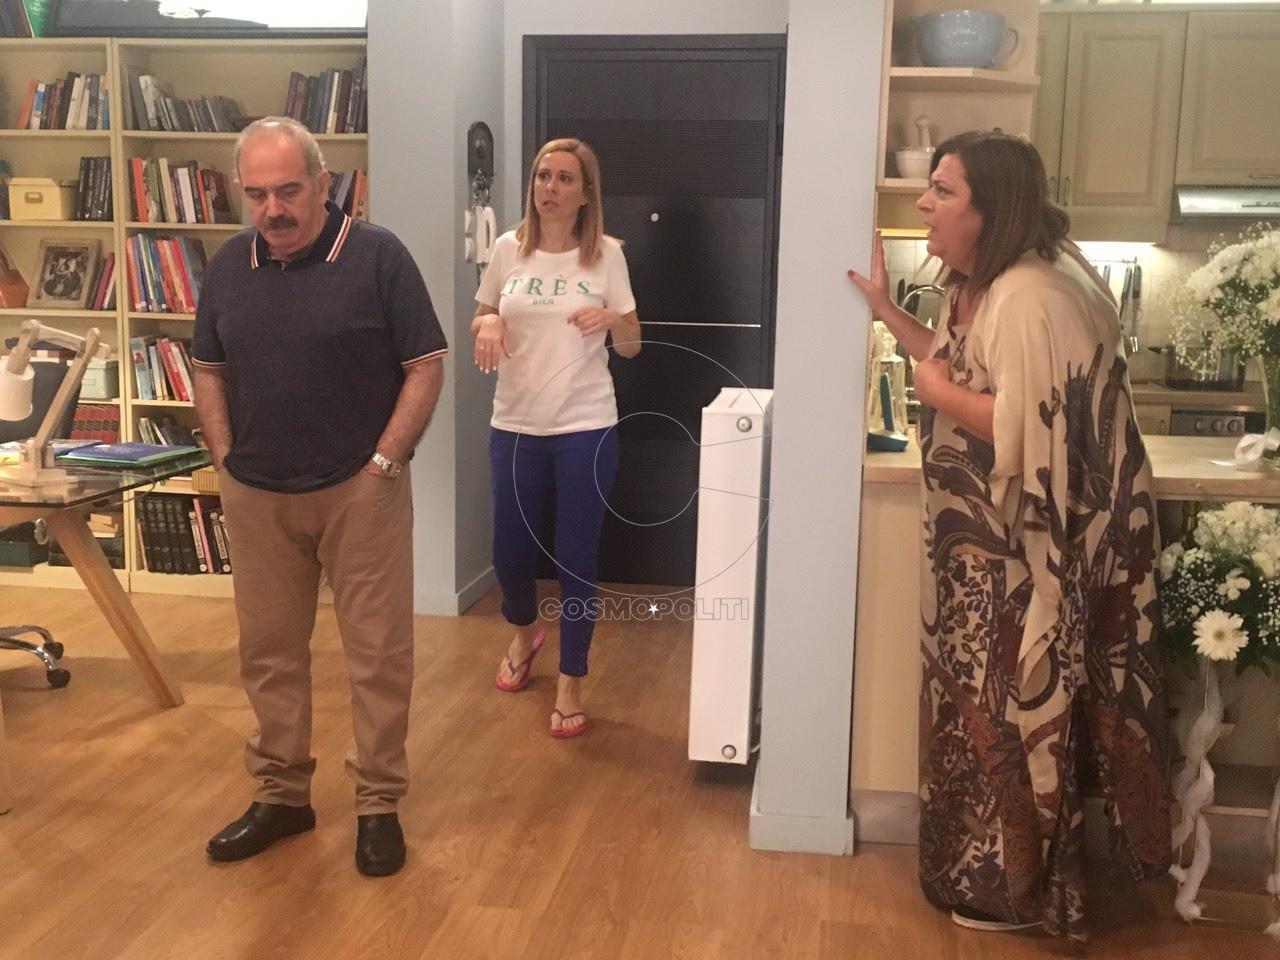 Ερρίκος Λίτσης, Άννα Κουτσαφτίκη, Ελισάβετ Κωνσταντινίδου